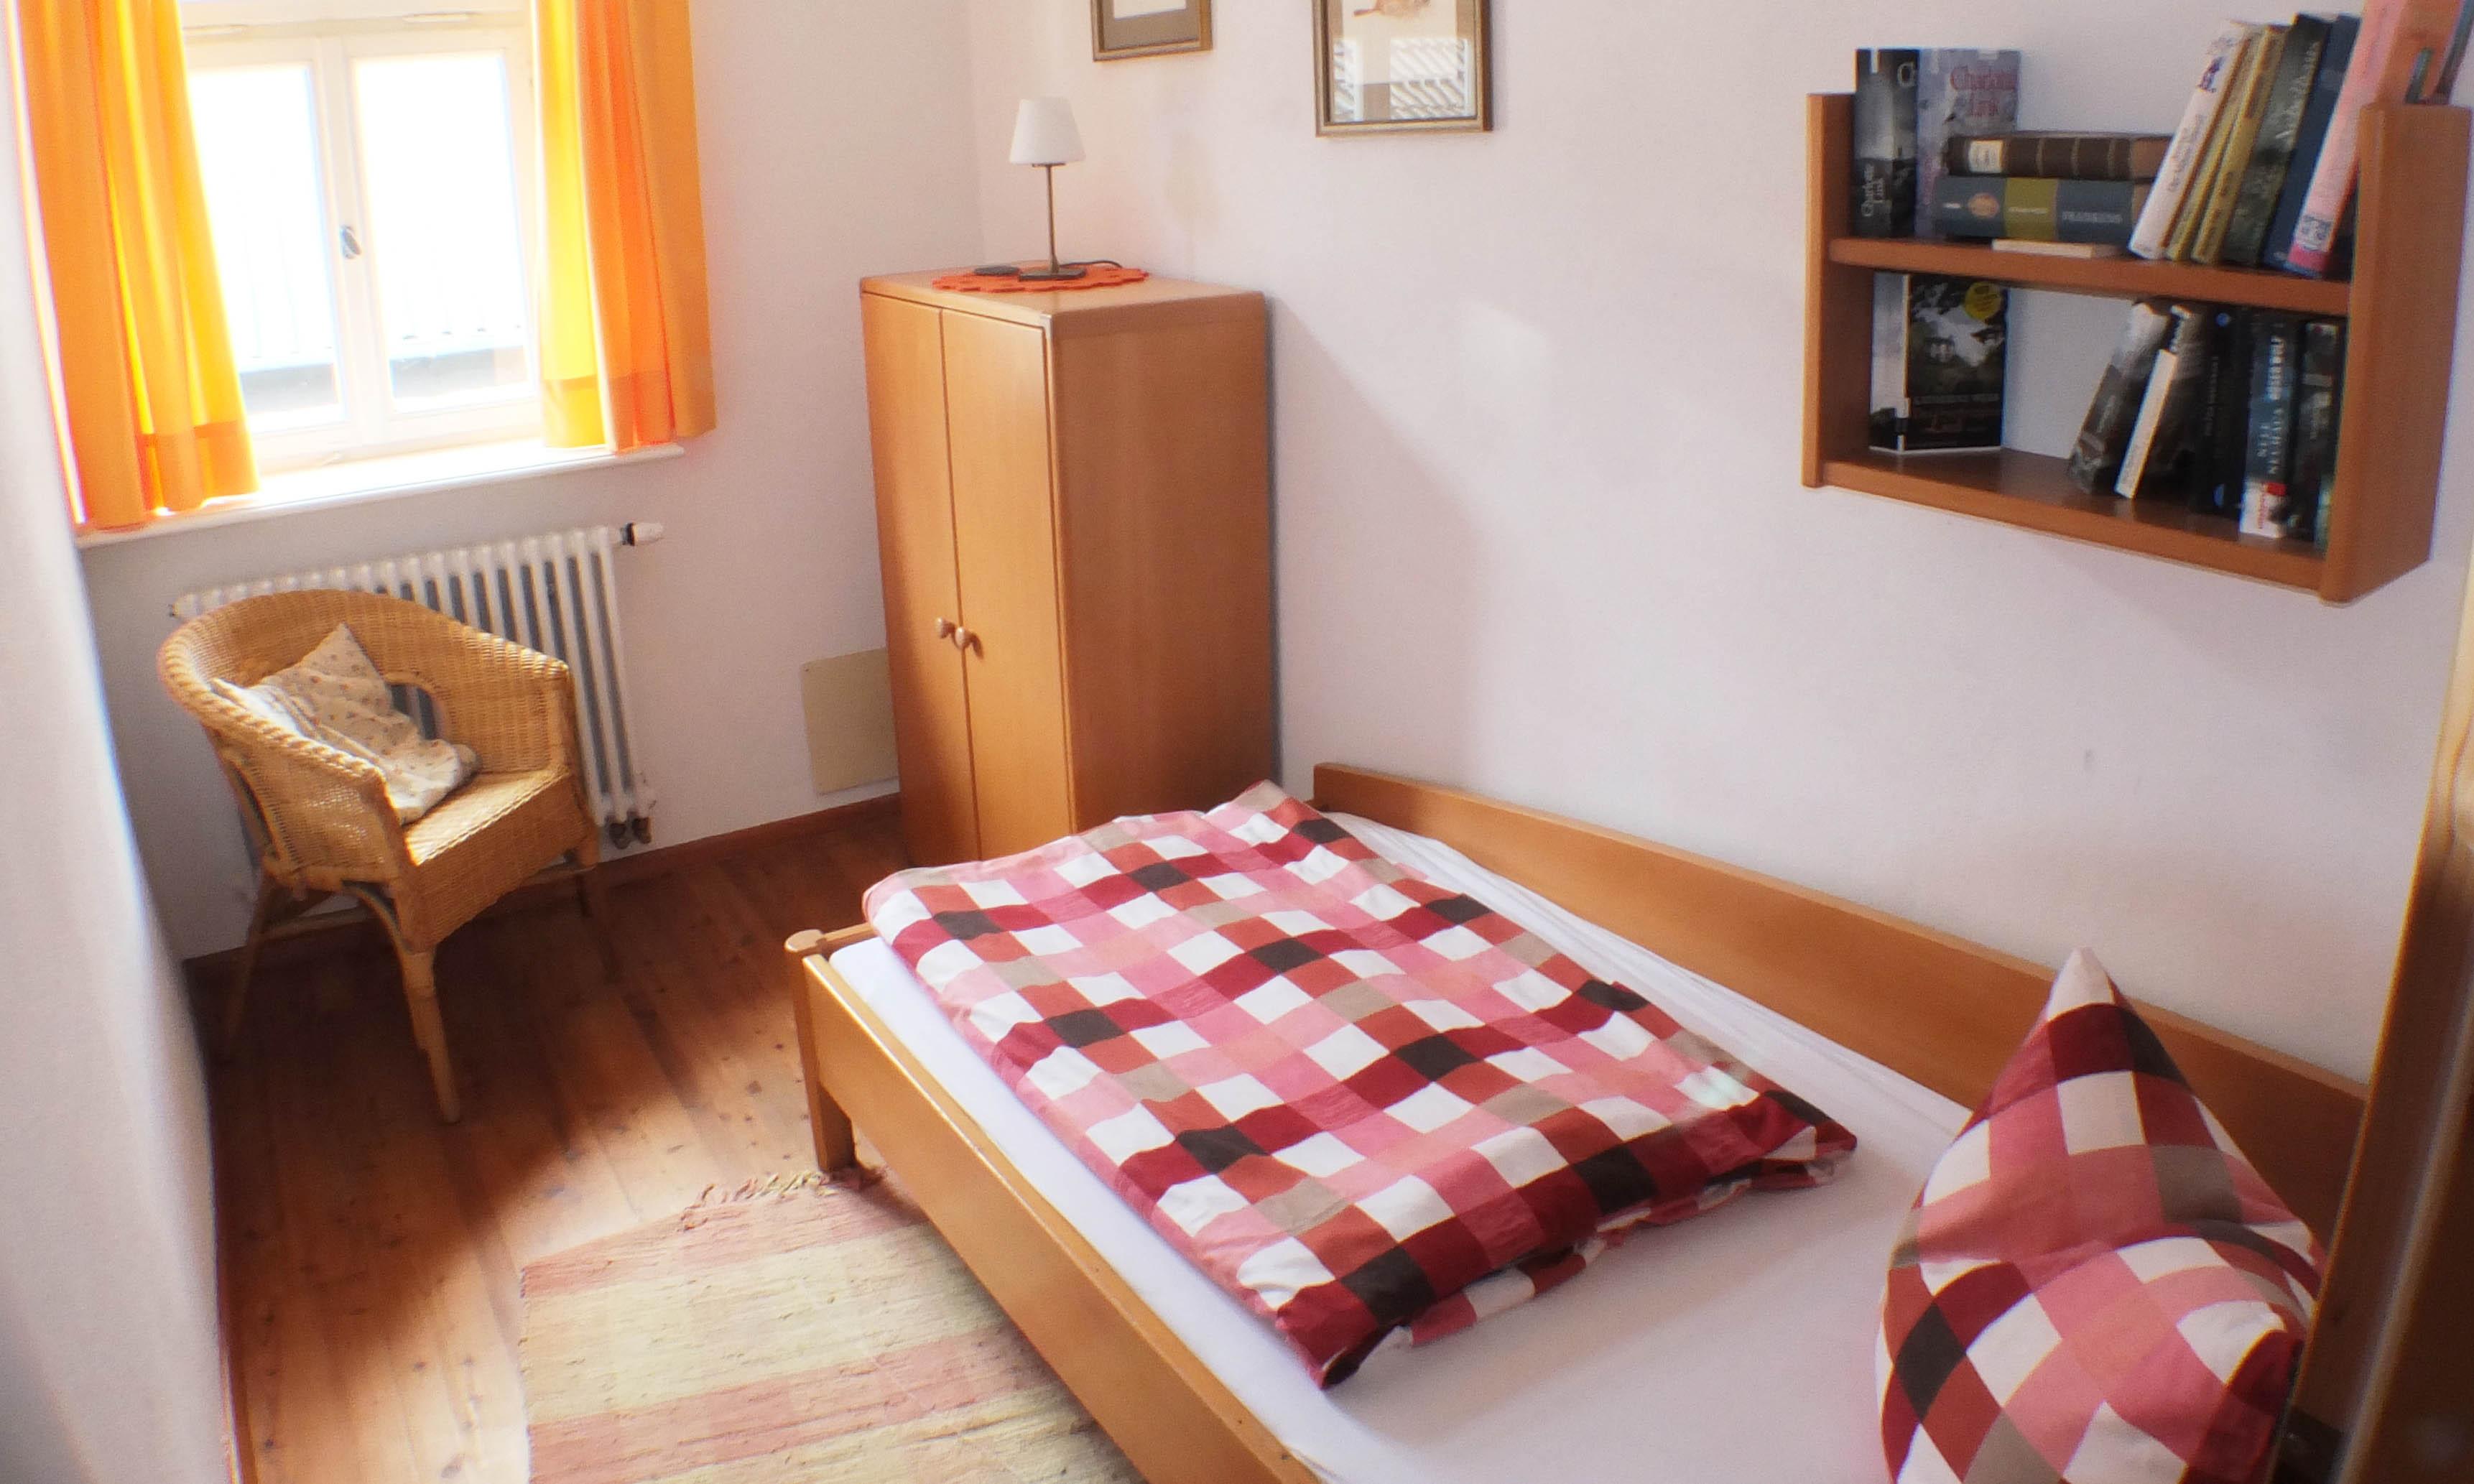 Schlafzimmer für eine Person.